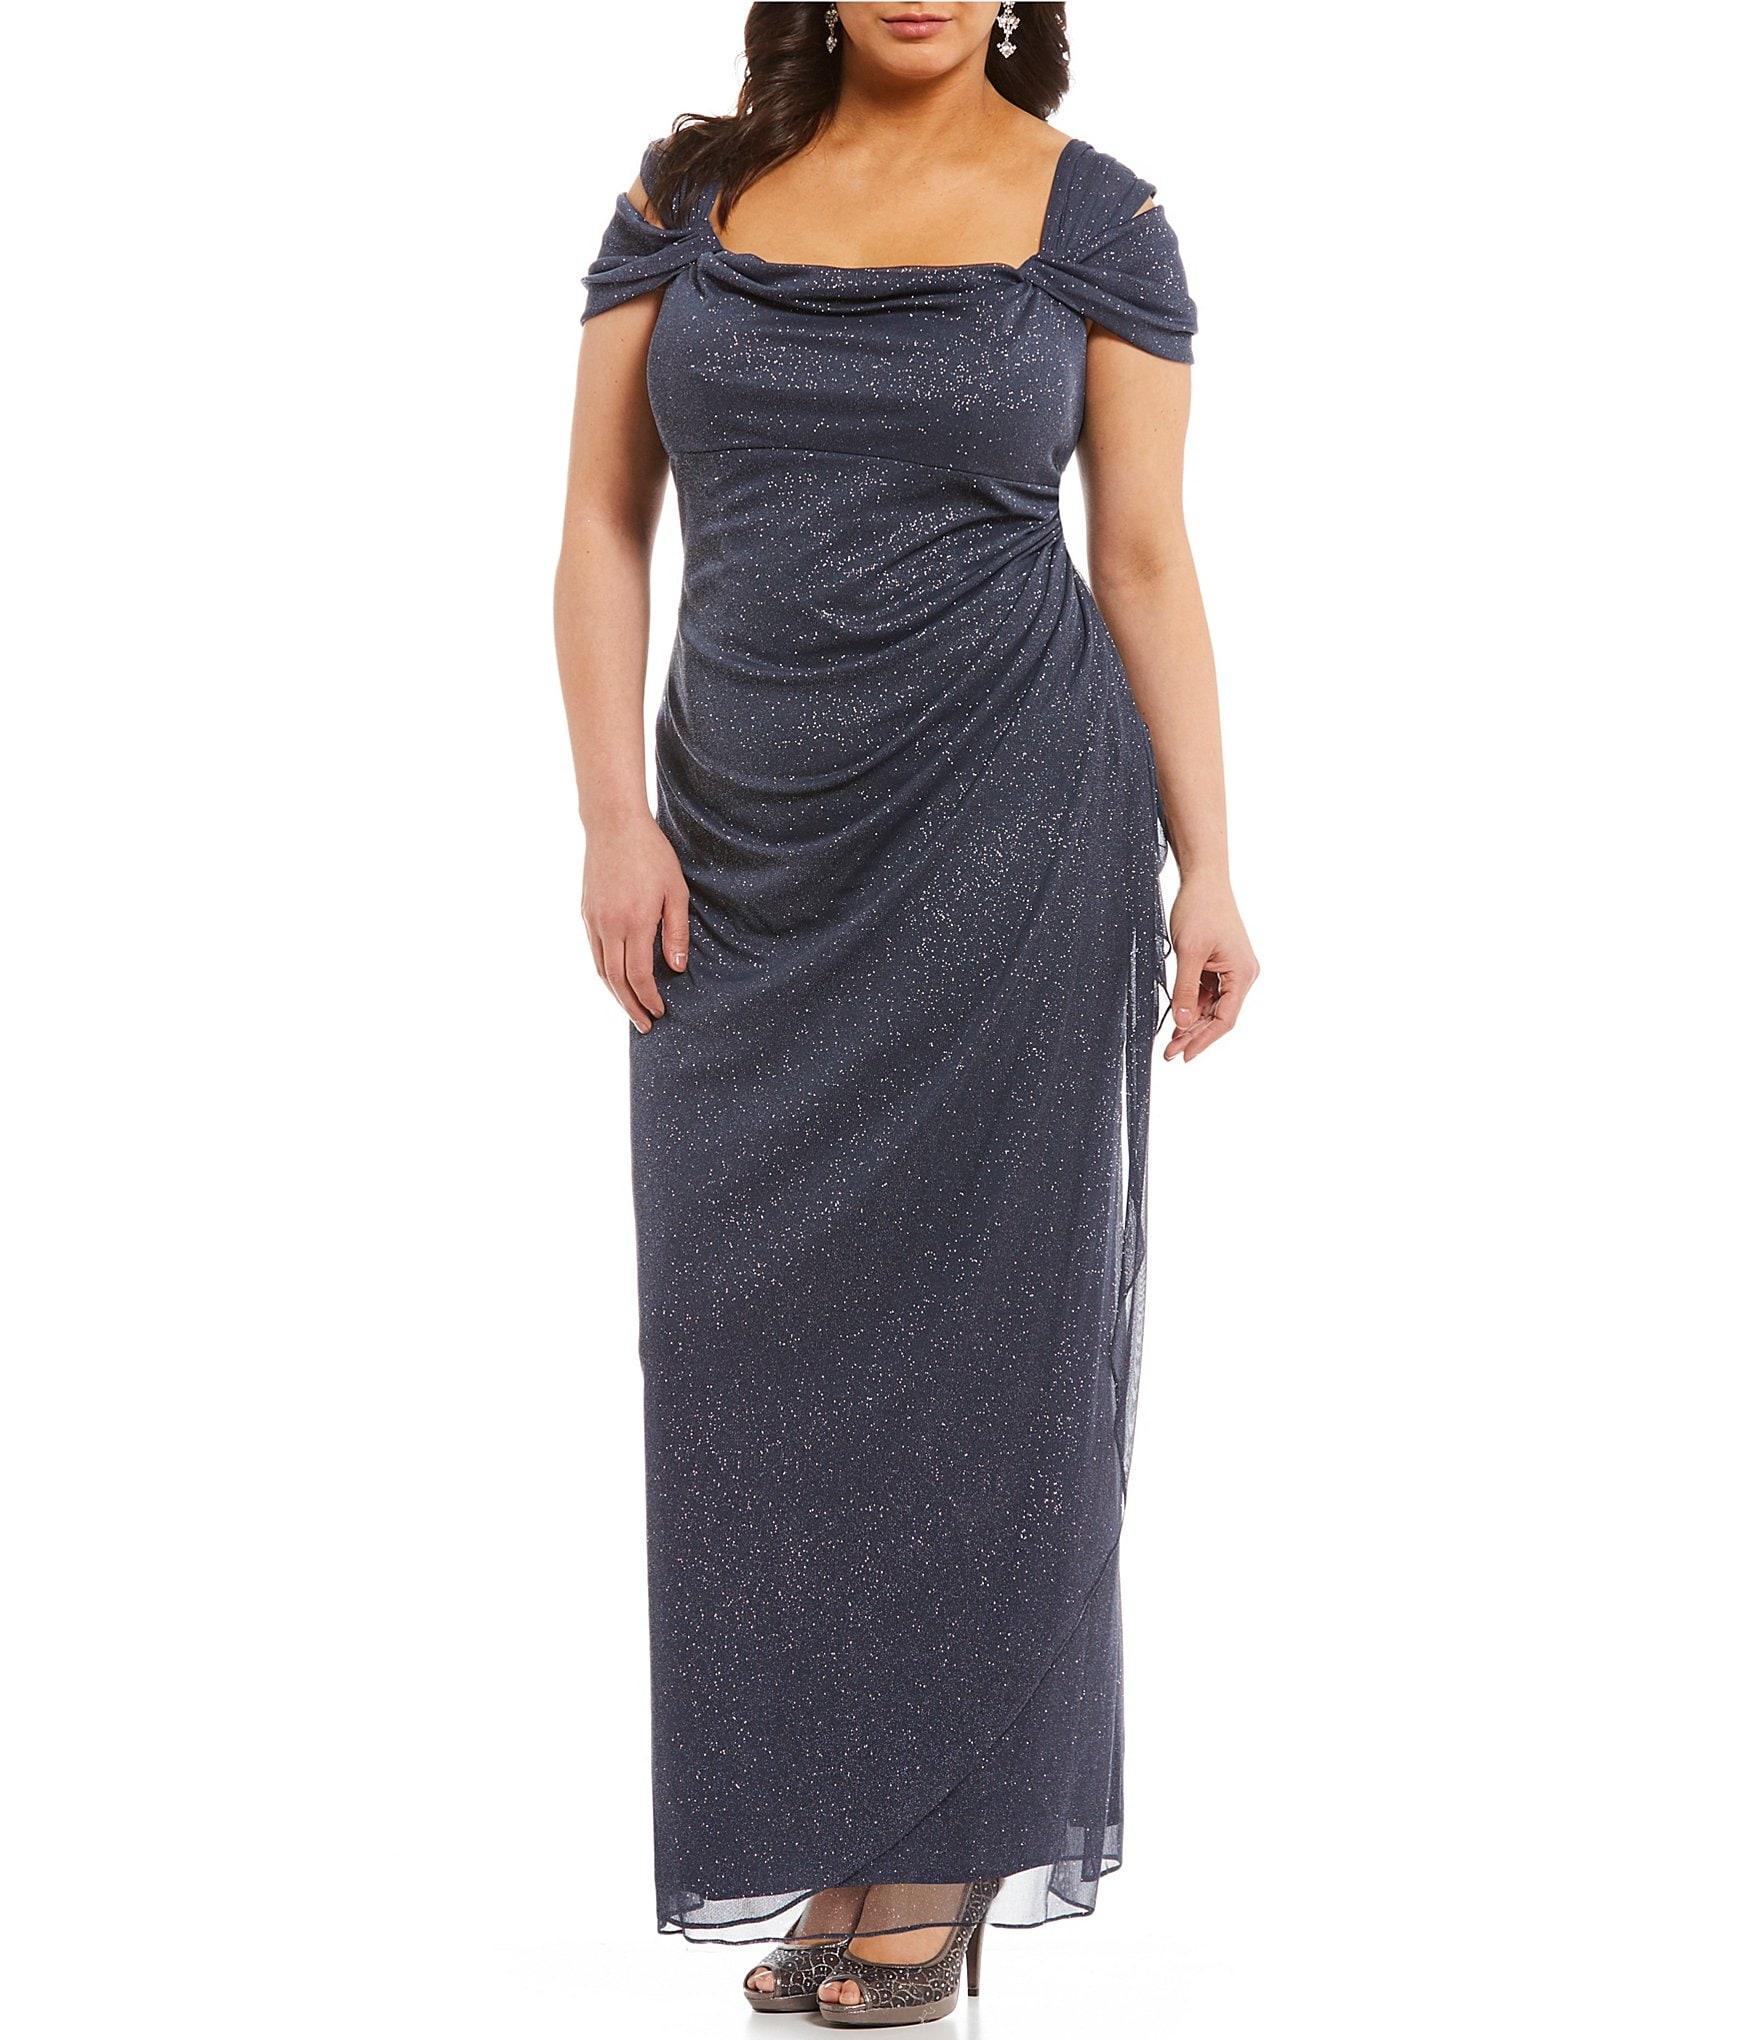 48ec21da2cc99 glitter mesh cold shoulder gown  Women s Plus-Size Clothing ...